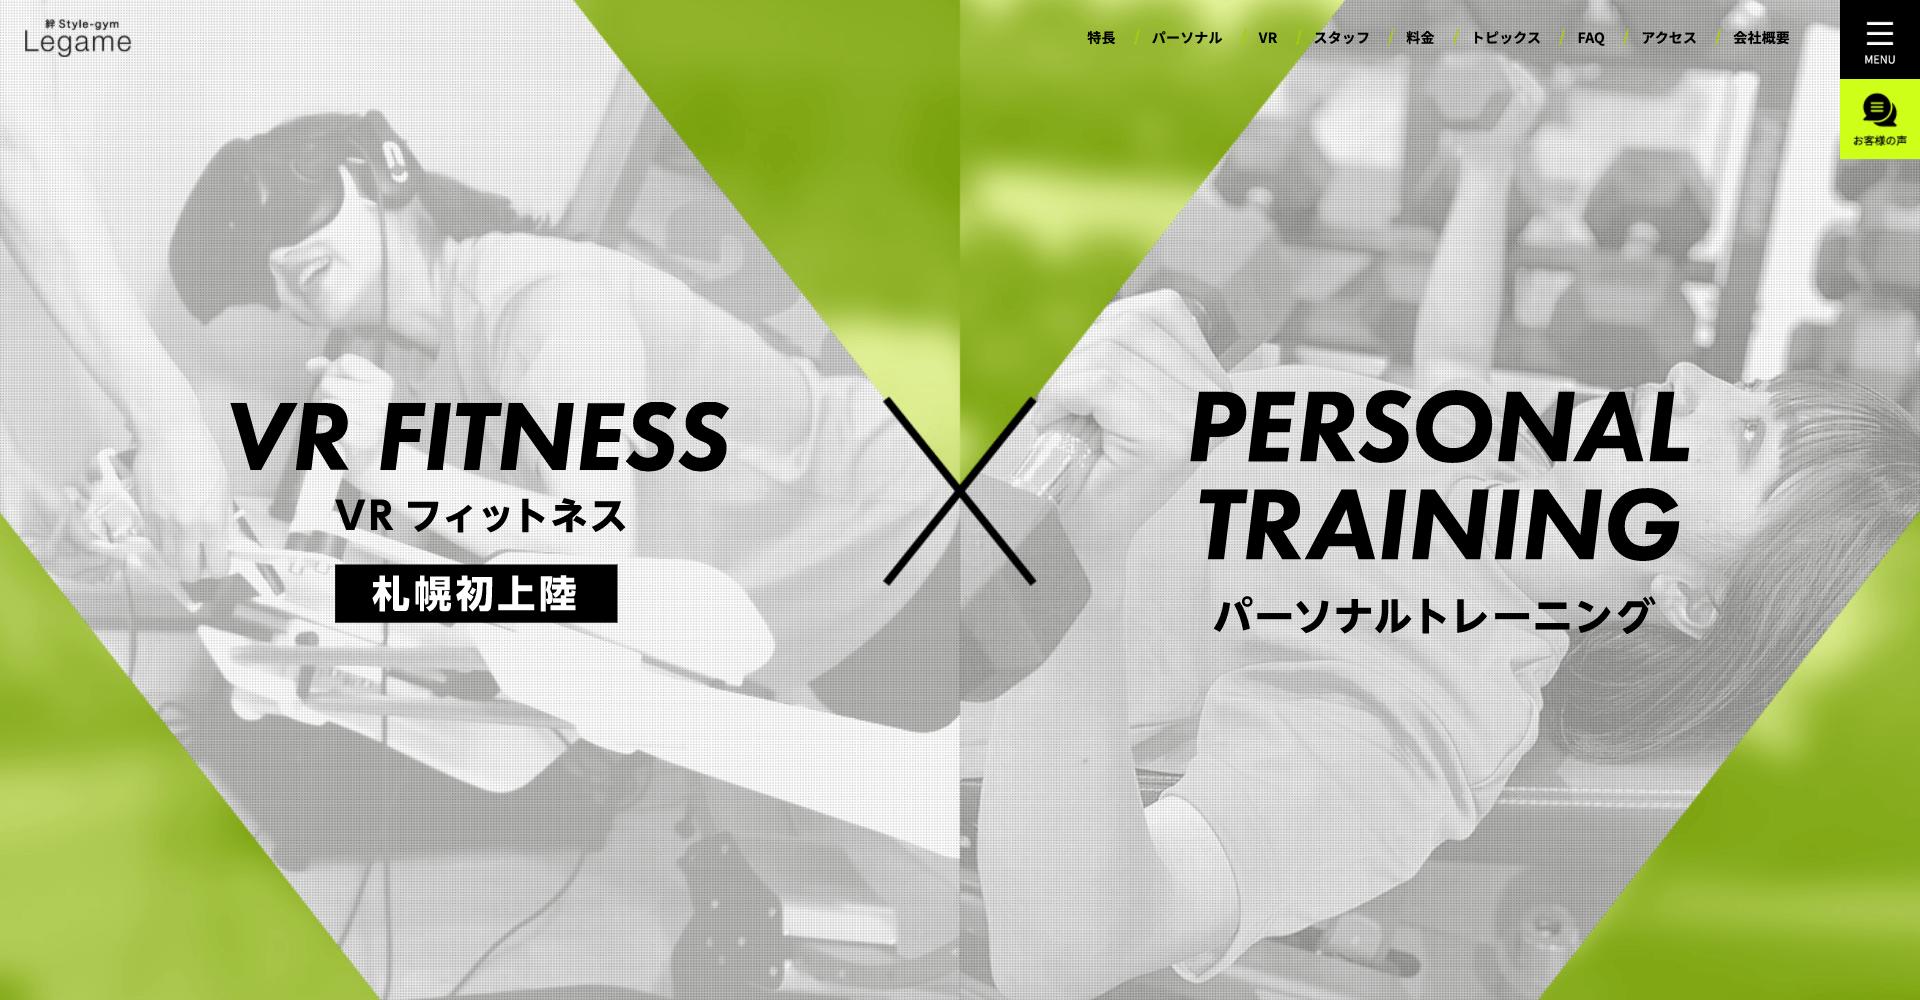 絆Style-gymLegame(レガーメ)札幌店